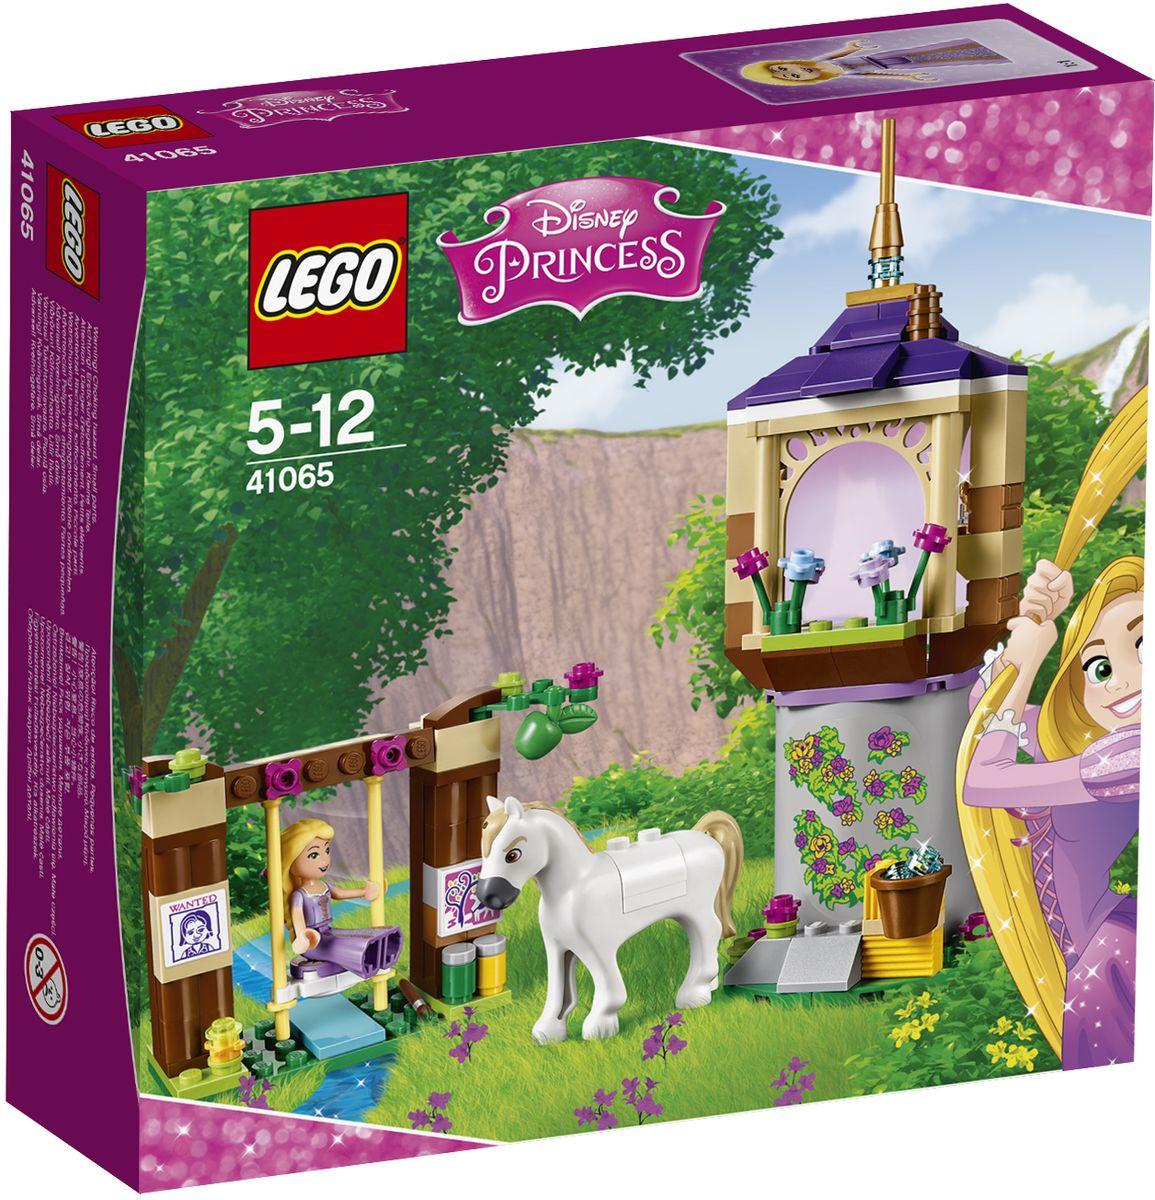 LEGO Disney Princesses Конструктор Лучший день Рапунцель 4106541065Отправляйтесь путешествовать с Рапунцель и ее другом, конем Максимусом. Пусть этот день станет особенным! Она впервые сможет покачаться на качелях, болтая ногами в воде, и коснуться волшебного цветка, который поможет ей восстановить магические силы. Возьмите кисть и нарисуйте прекрасную картину, а потом подберите упавшее с дерева яблоко для Максимуса. Еще здесь есть сено и вода, чтобы Максимусу было чем заняться, пока его хозяйка готовит обед на кухне башни. Какой необыкновенный день! Конструктор LEGO Disney Princesses. Лучший день Рапунцель включает в себя 145 разноцветных пластиковых элементов. Конструктор - это один из самых увлекательных и веселых способов времяпрепровождения. Ребенок сможет часами играть с конструктором, придумывая различные ситуации и истории.